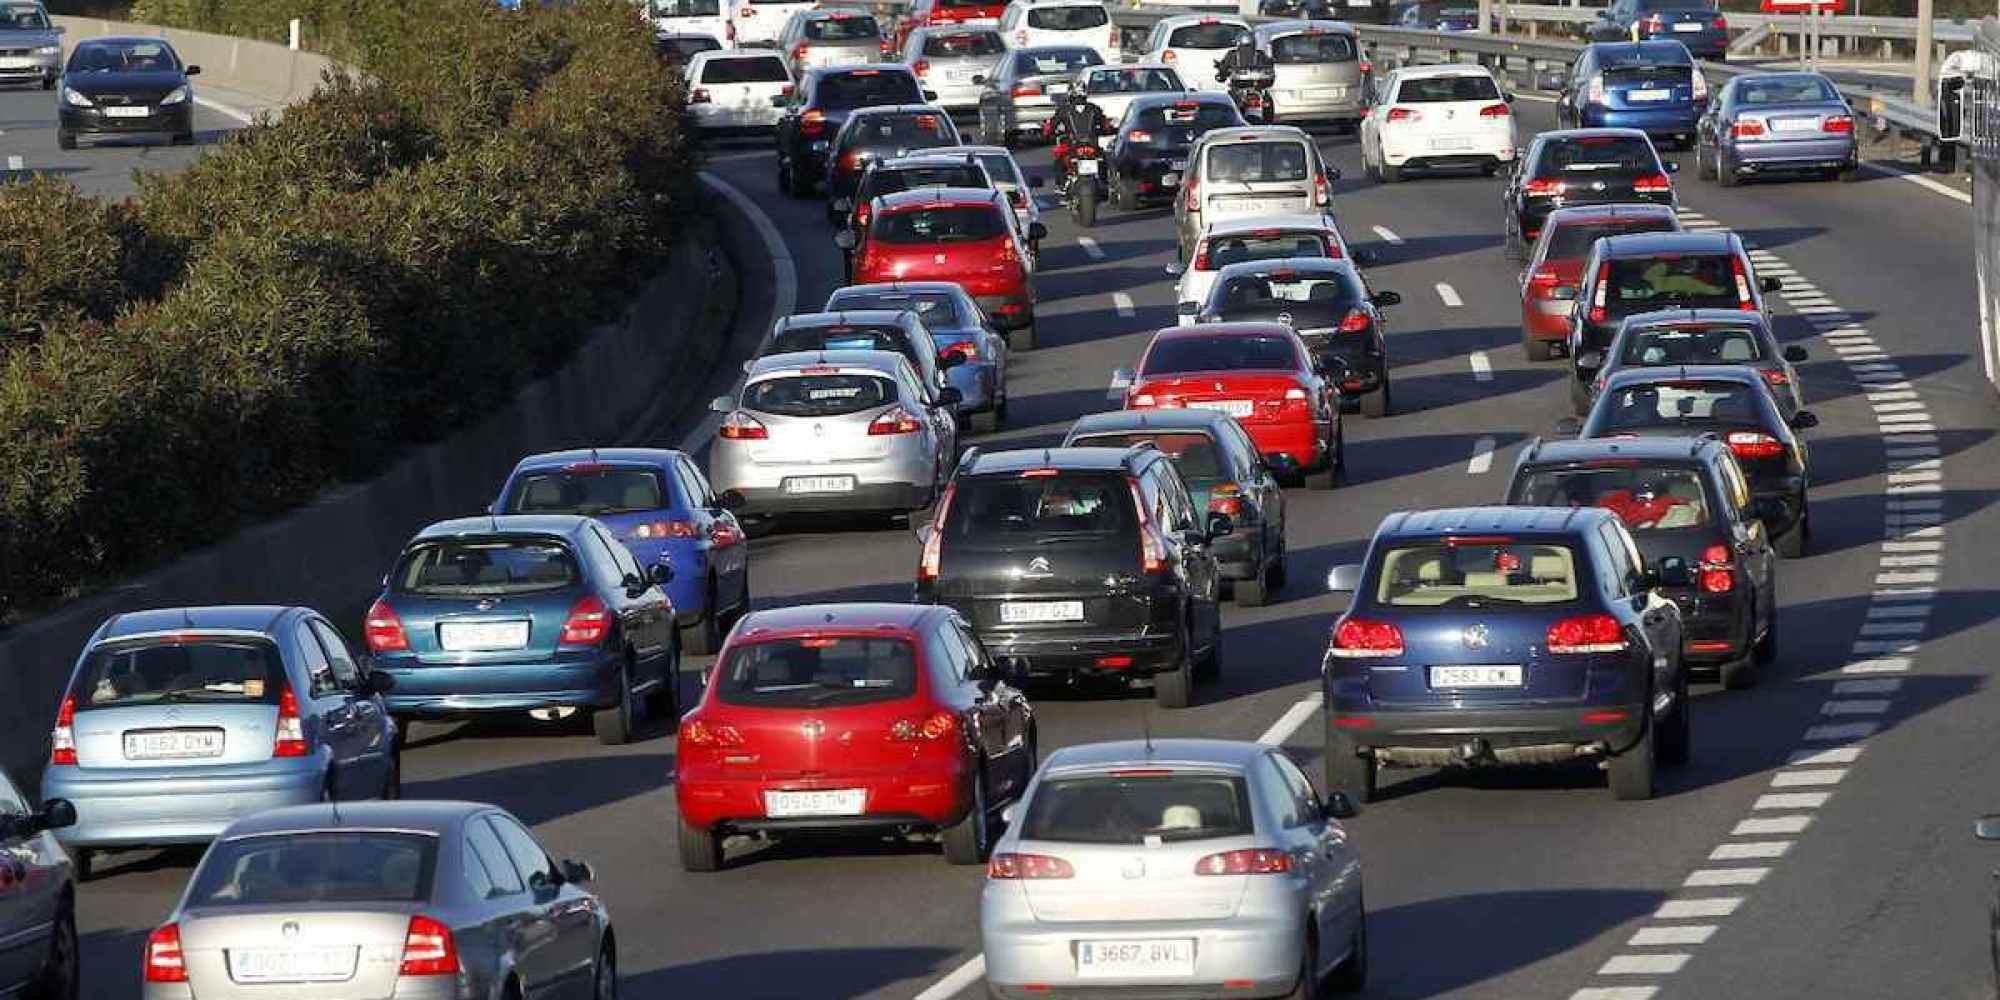 Se amplia el plazo para obtener el beneficio Fiscal relacionado al Impuesto sobre Tenencia o uso de vehículos en la Ciudad de México